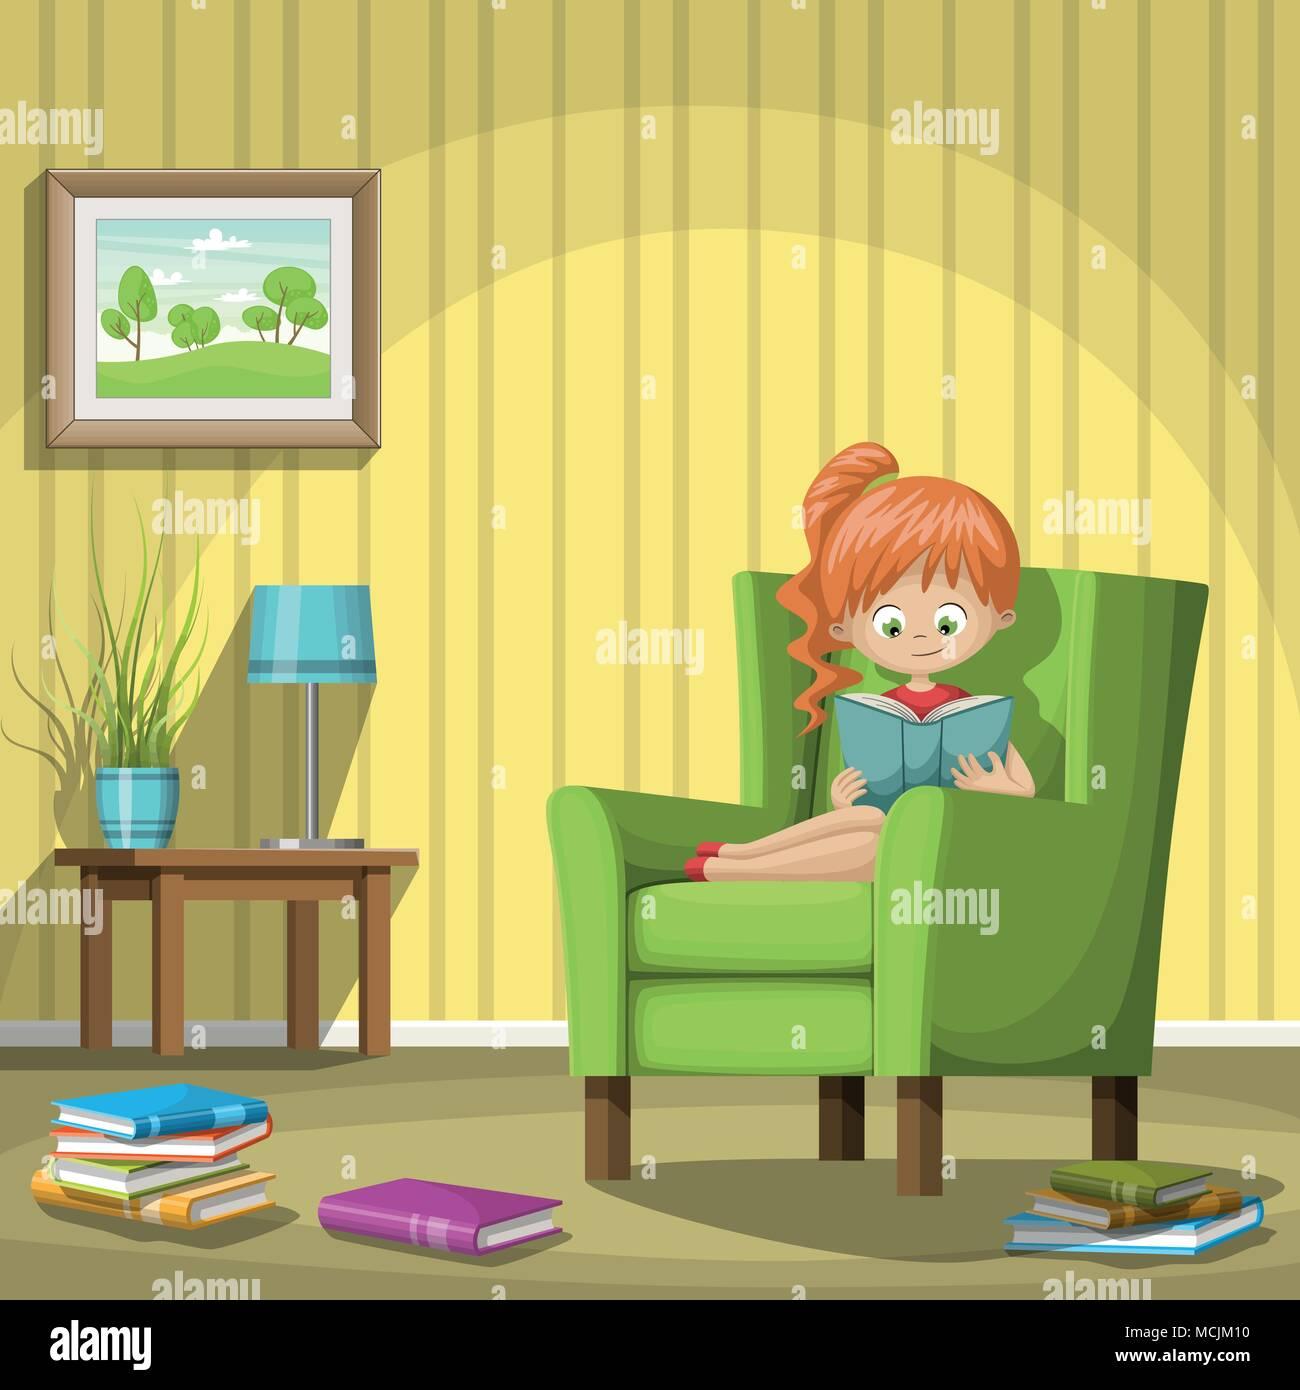 Girl Reading Books In Living Room, Vector Illustration